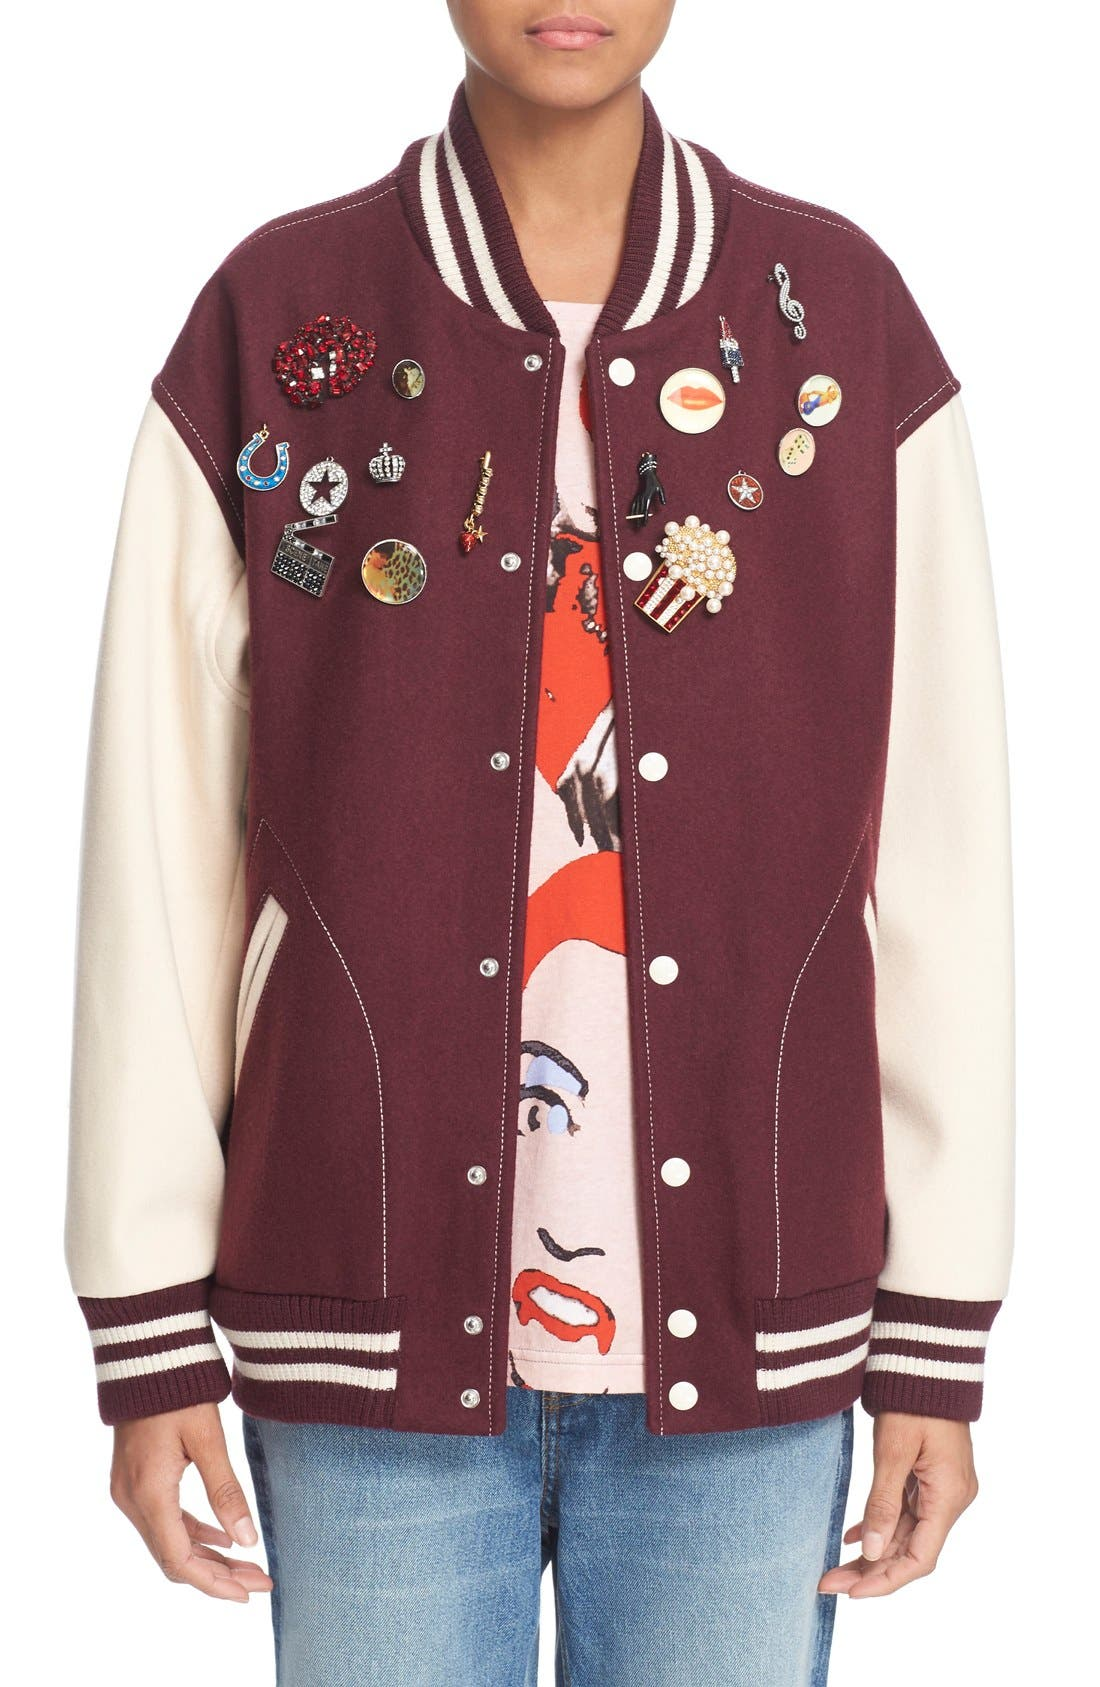 Main Image - MARC JACOBS Embellished Varsity Jacket